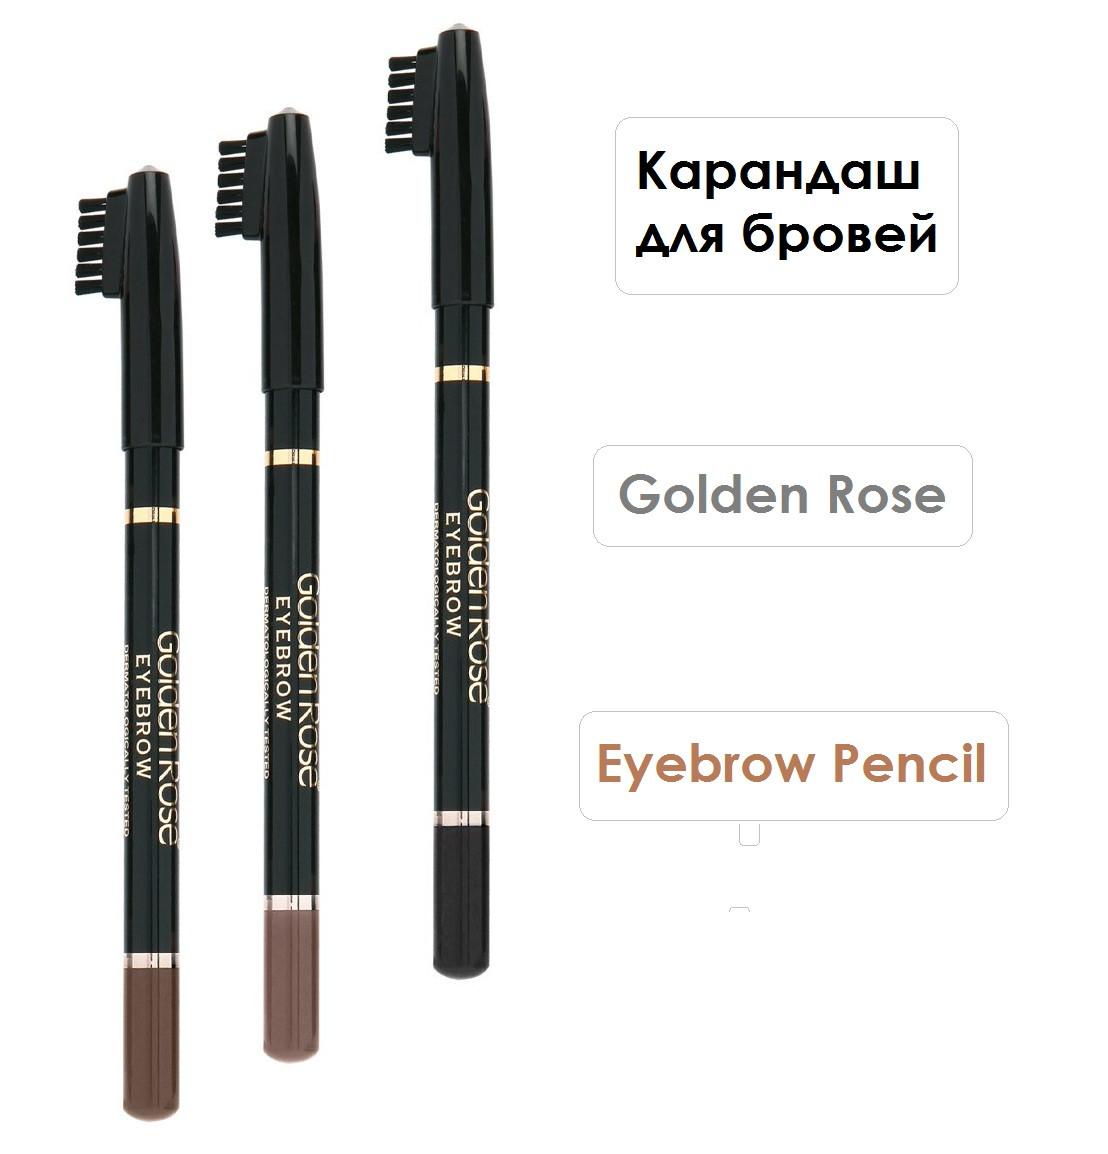 Карандаш для бровей Golden Rose Eyebrow Pencil